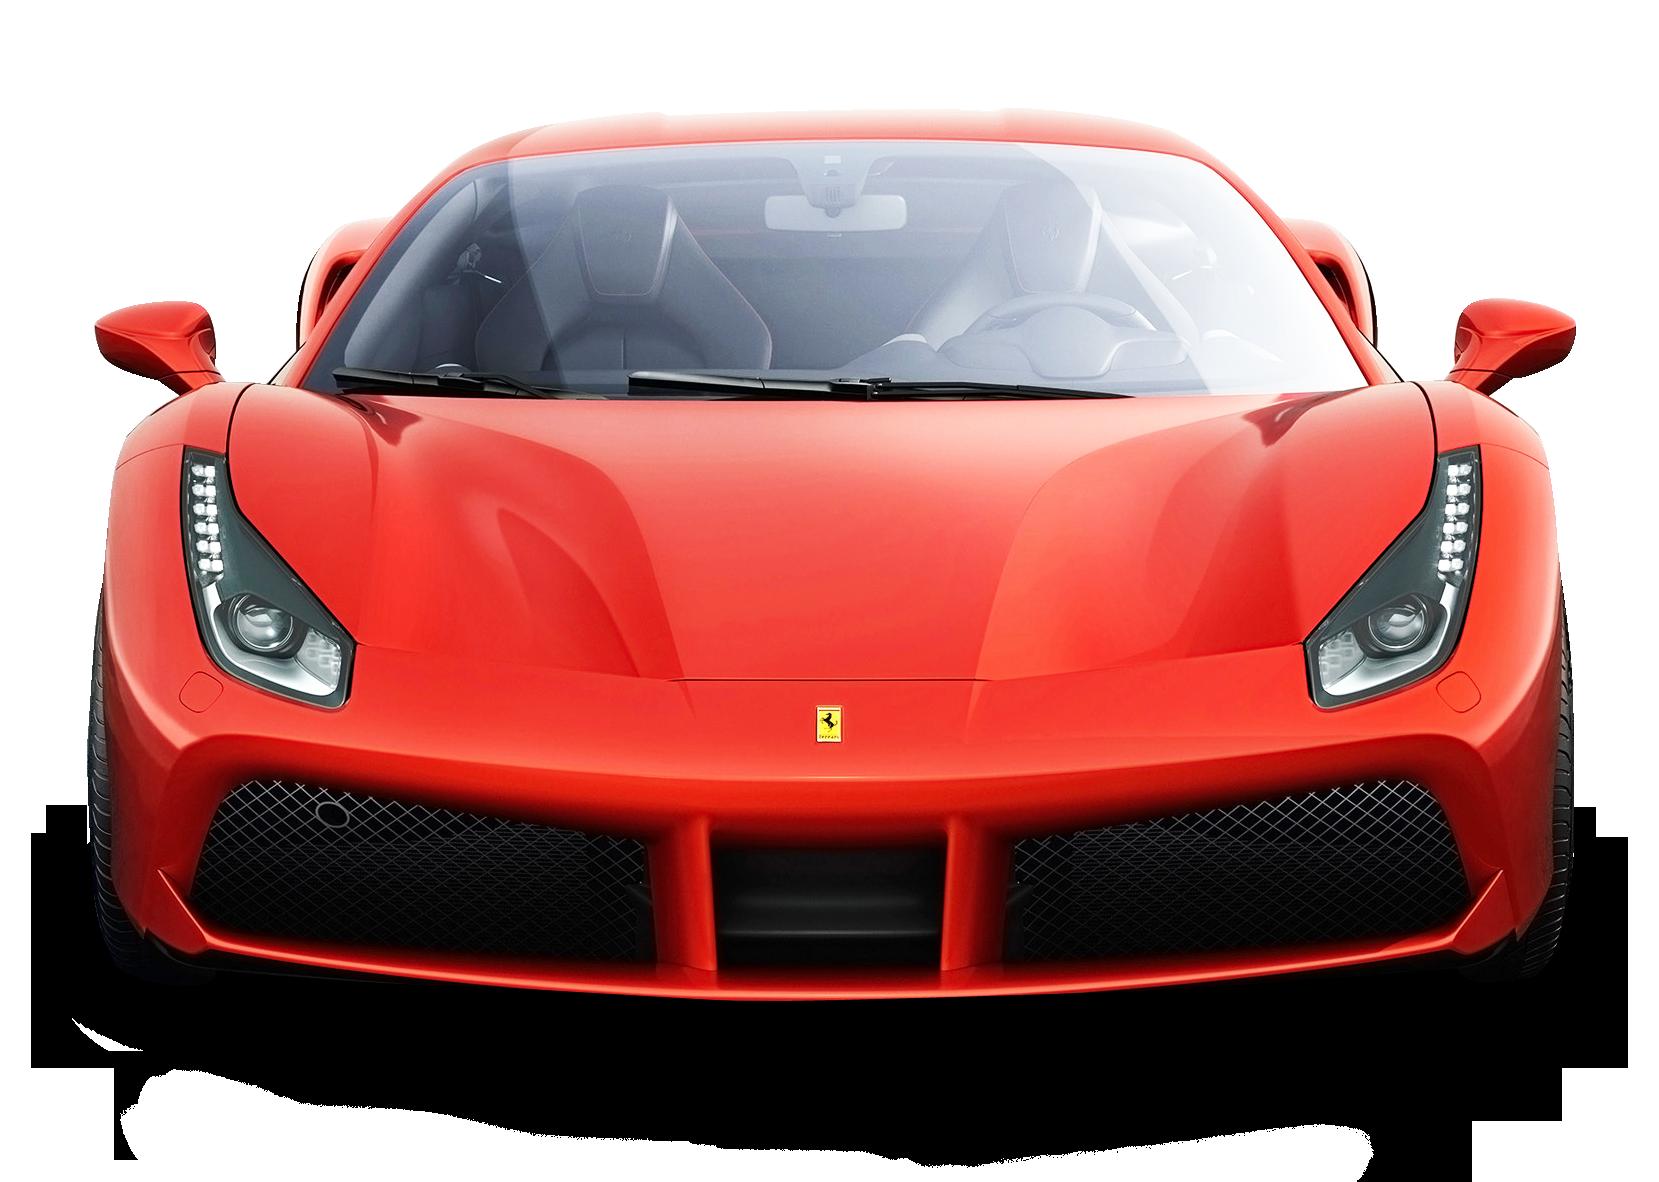 Ferrari 488 Gtb Red Car Png Image Red Car Ferrari Ferrari 488